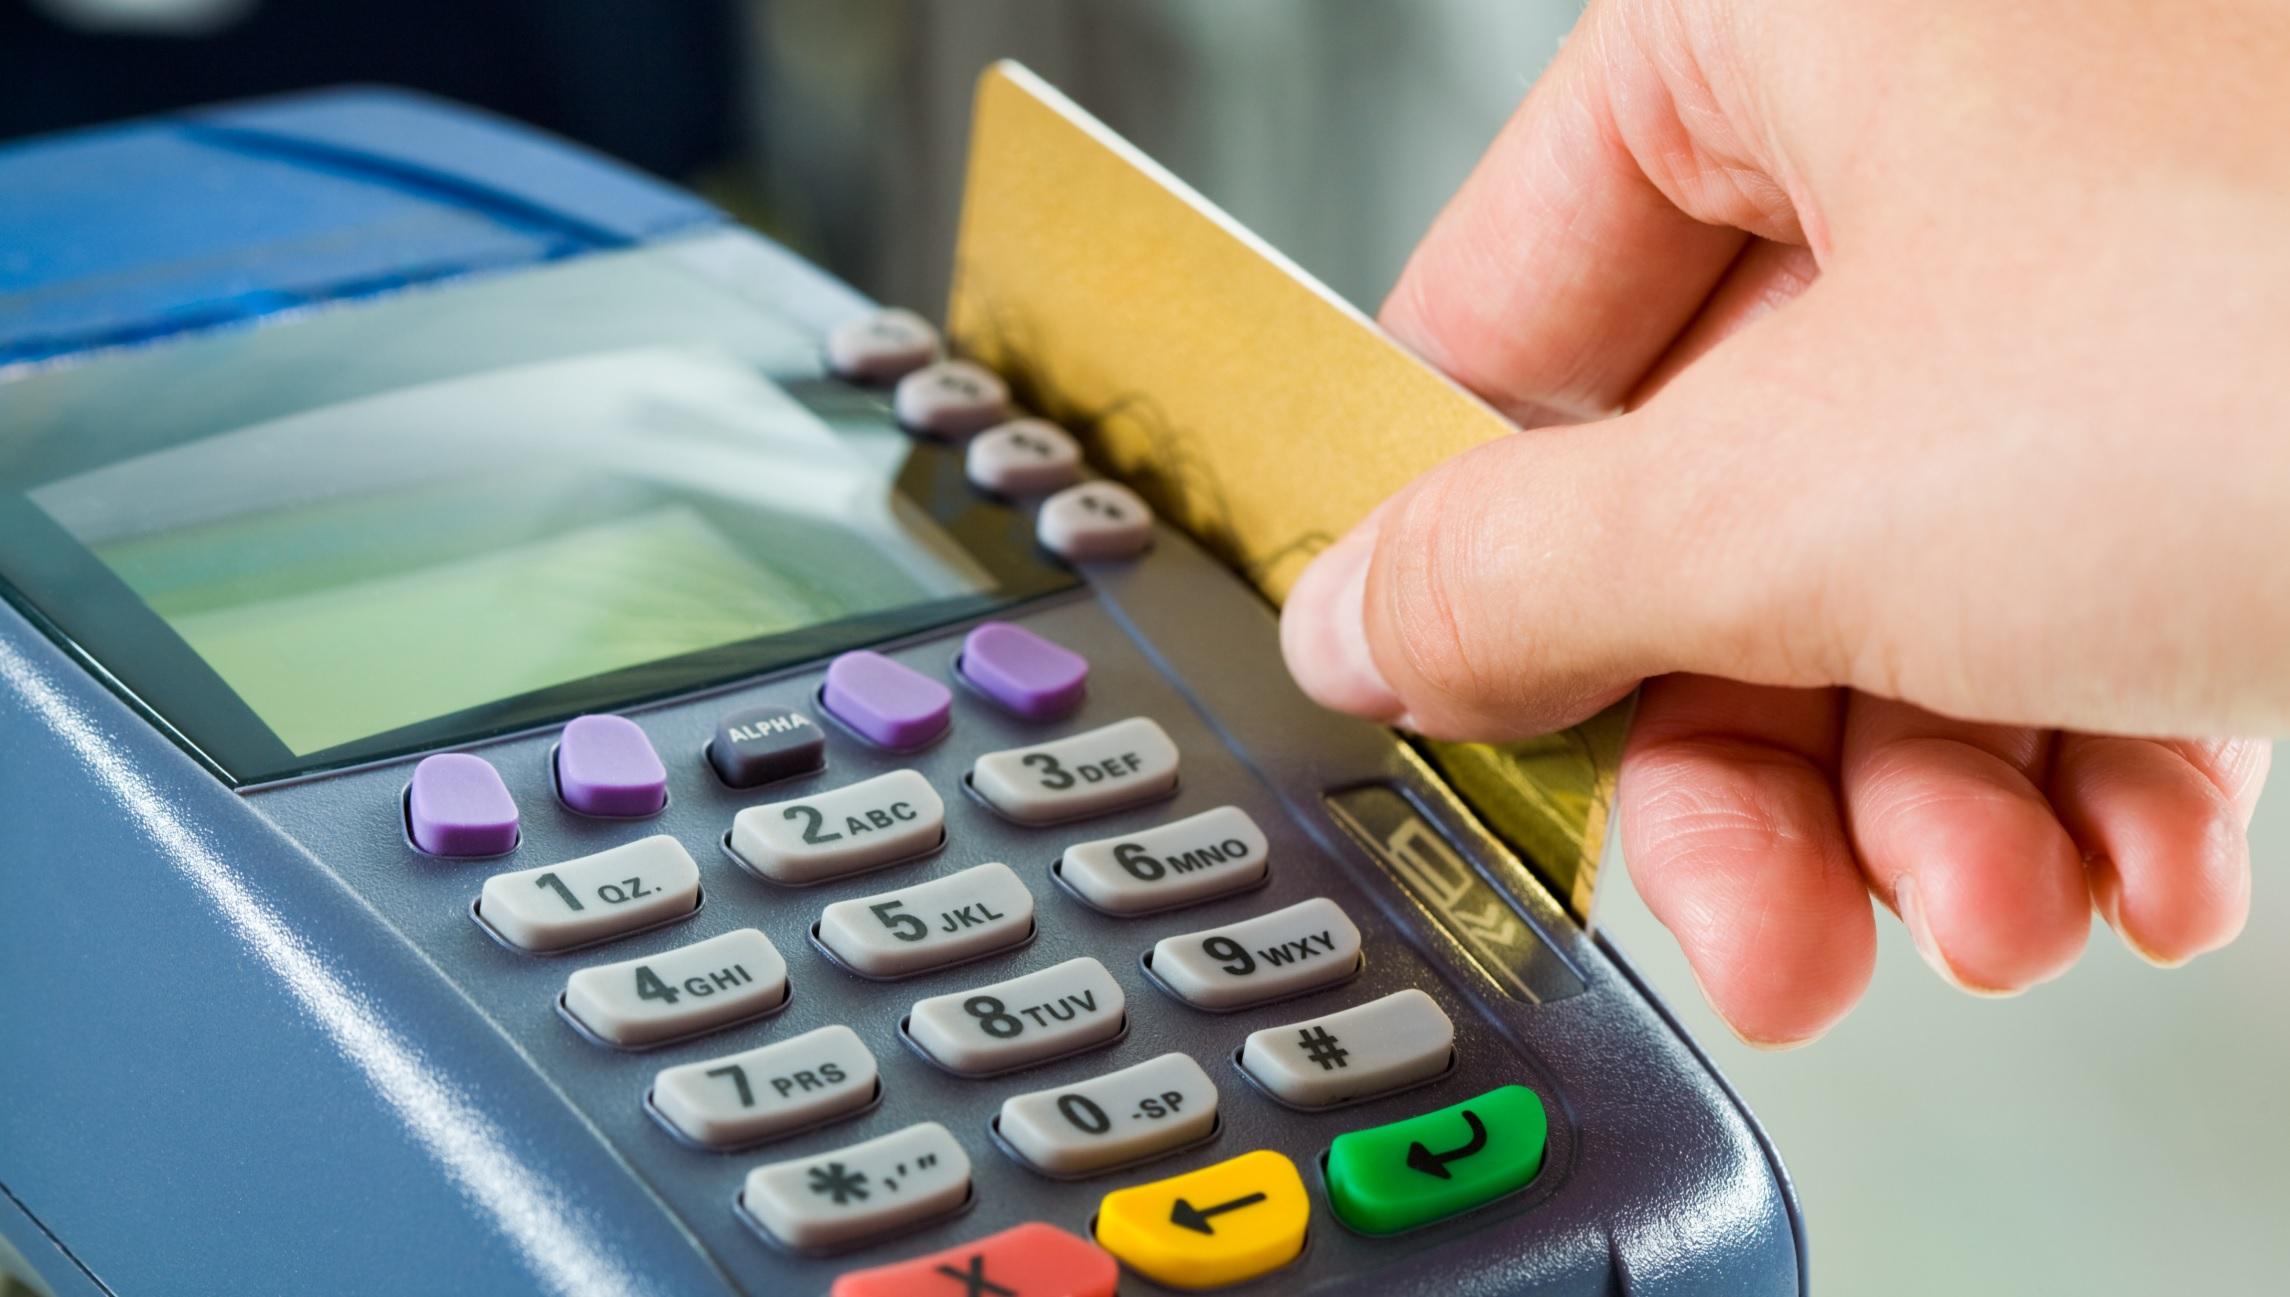 Осторожно: троян похищает данные банковских карт через терминалы оплаты